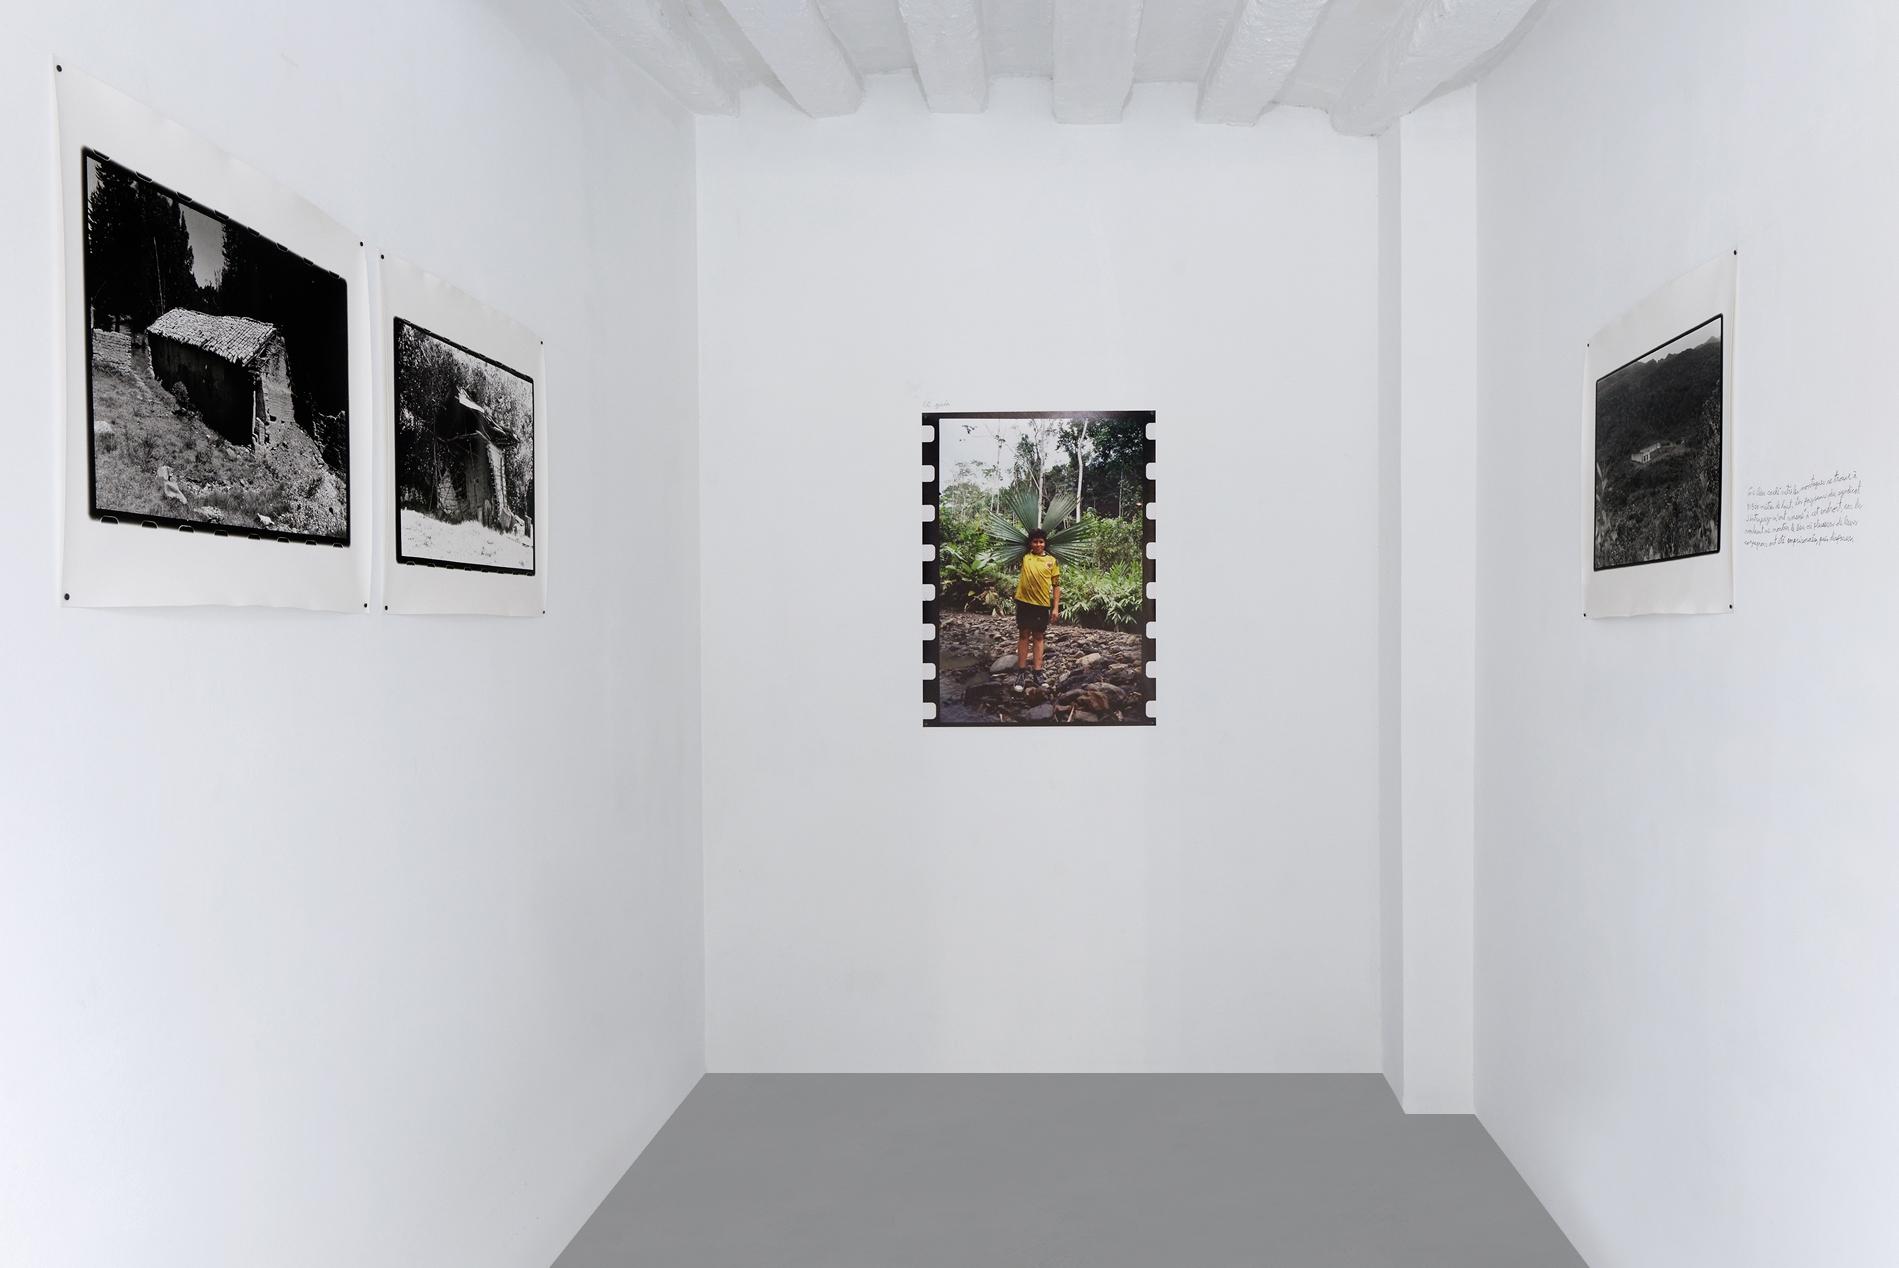 Vue de l'exposition personnelle de Marcos Avila Forero, Les Choses qui échappent, Galerie Dohyang Lee. Courtesy Galerie Dohyang Lee Photo © Aurélien Mole